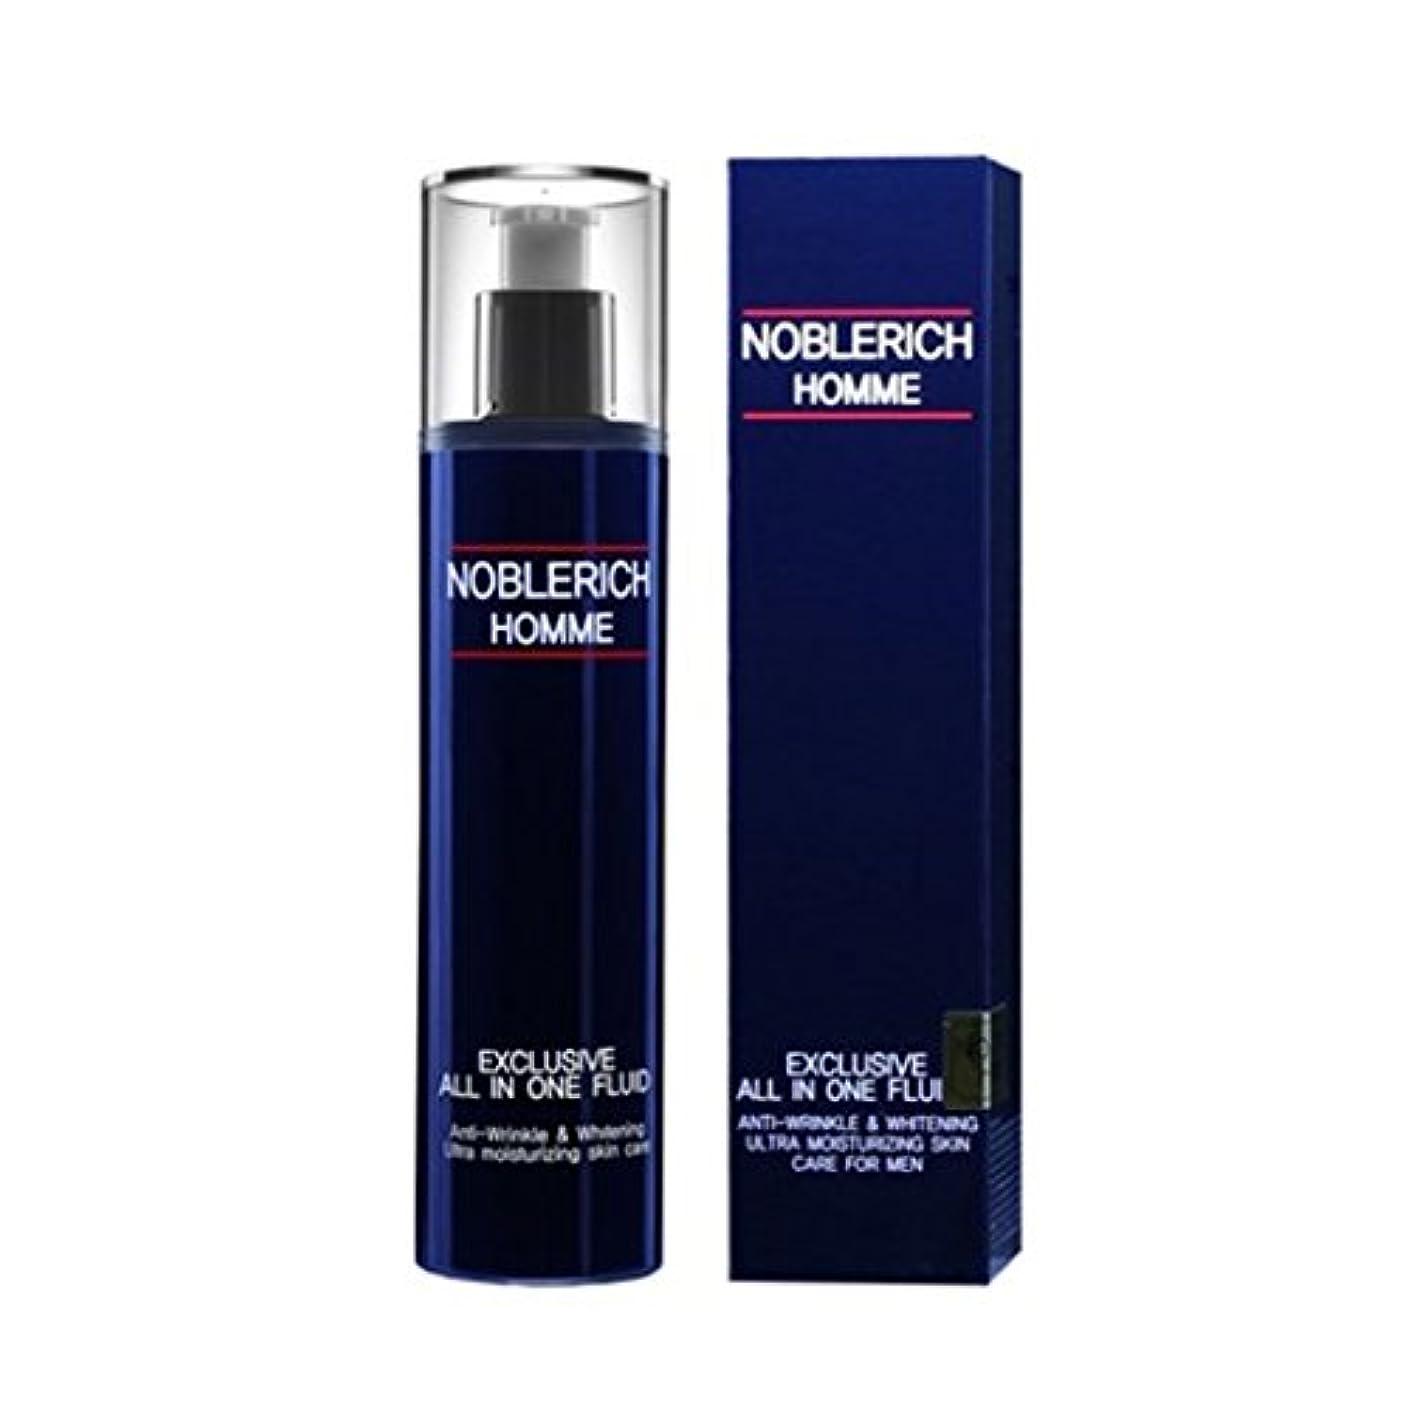 主張する量系統的ノブリチオムエクスクルーシブオールインワン?プルルイドゥ120mlメンズコスメ、Noblerich Homme Exclusive All In One Fluid 120ml Men's Cosmetic [並行輸入品]